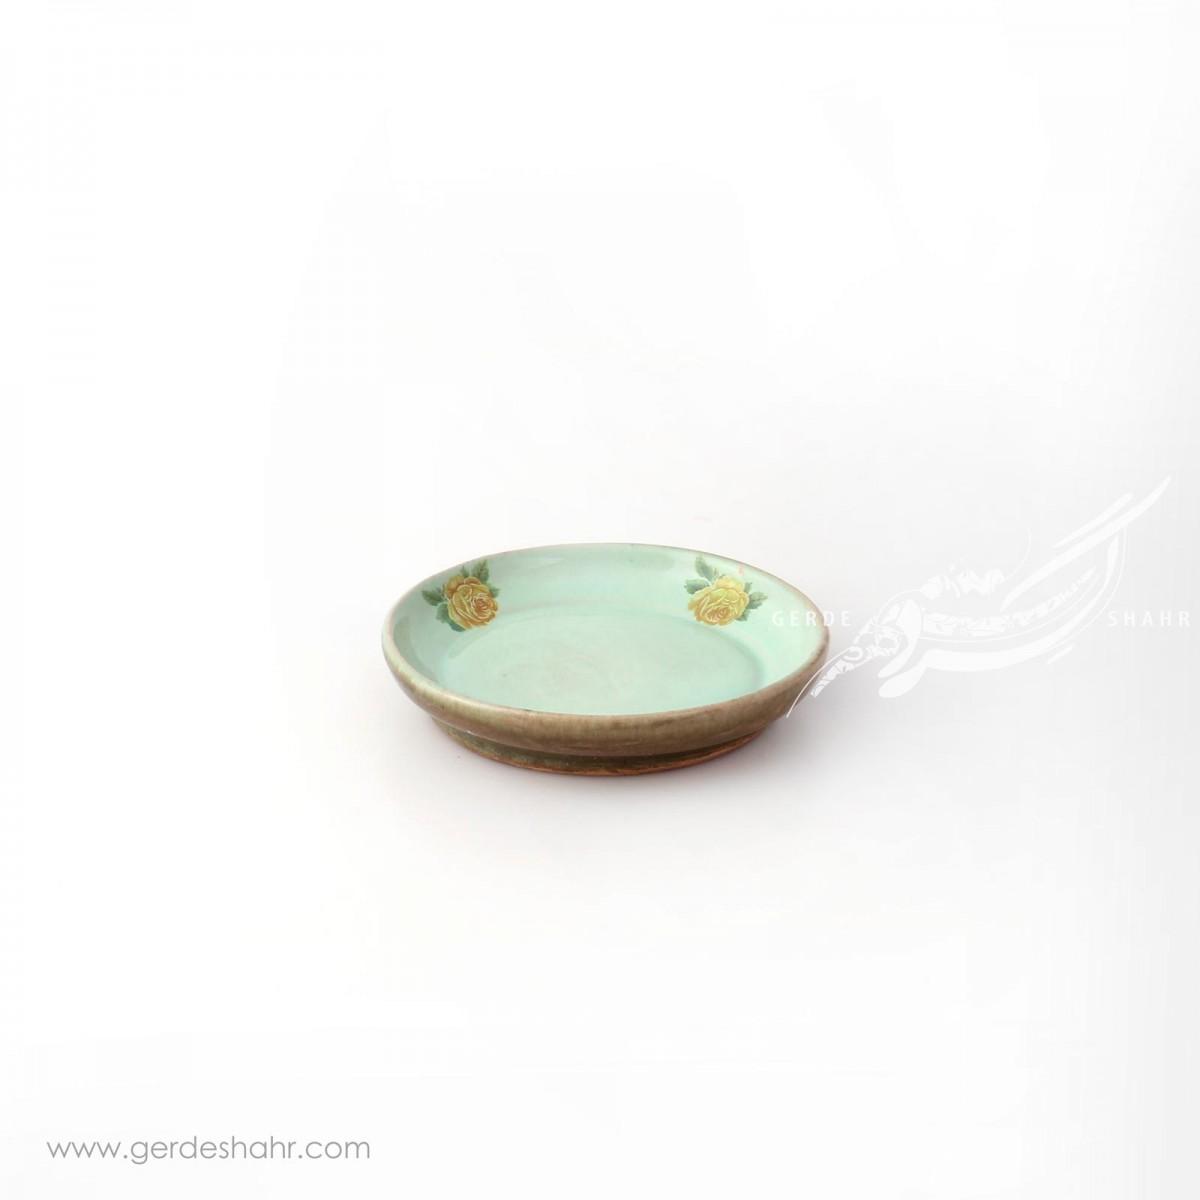 ظرف  کوچک سبز آبی با گل زرد ماه فروز محصولات